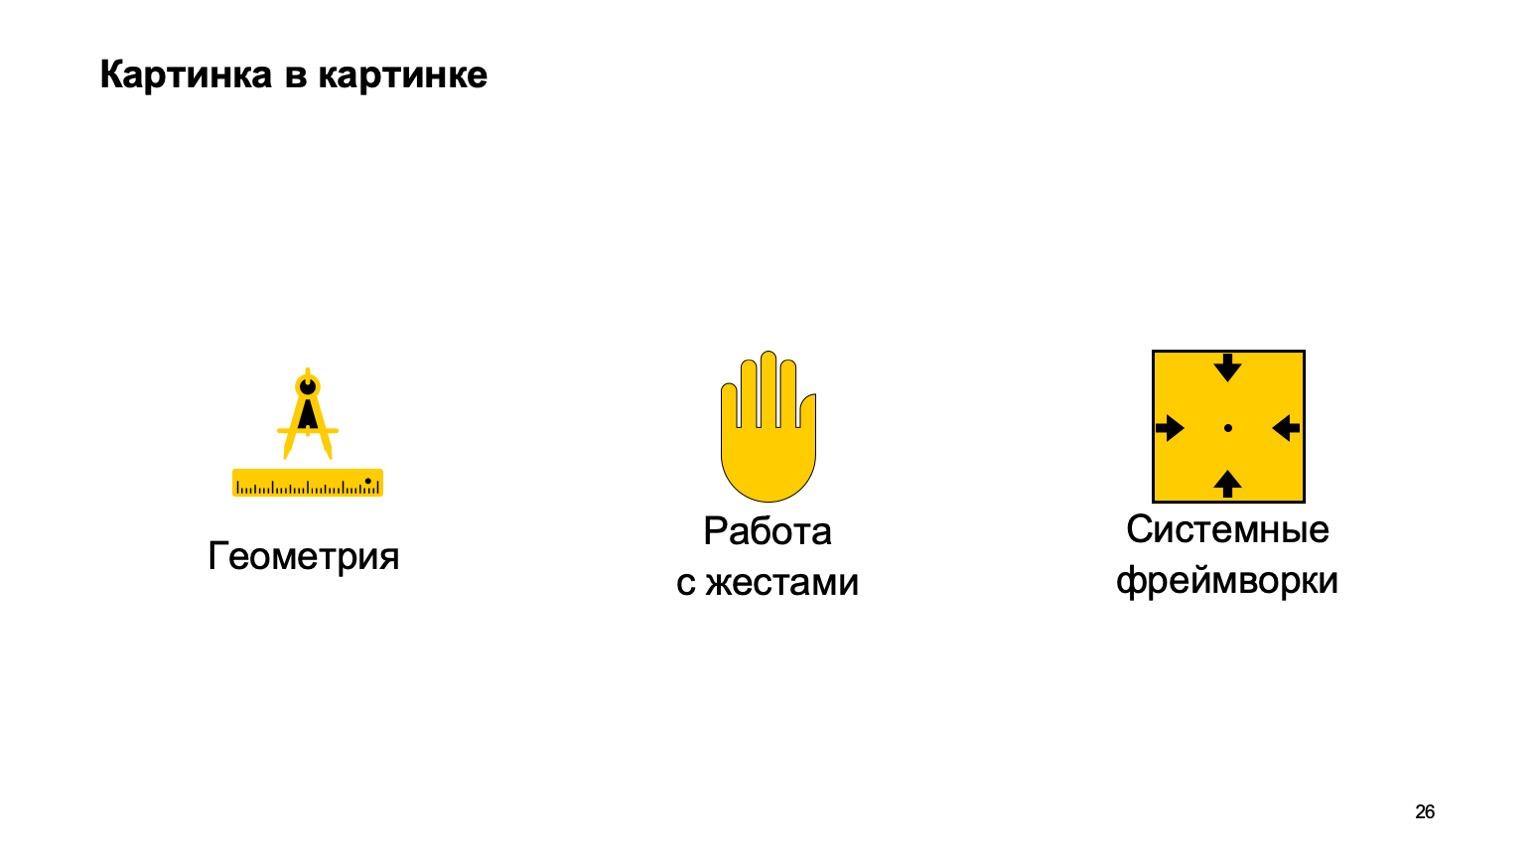 Мобильная разработка — это просто и скучно? Доклад Яндекса - 26